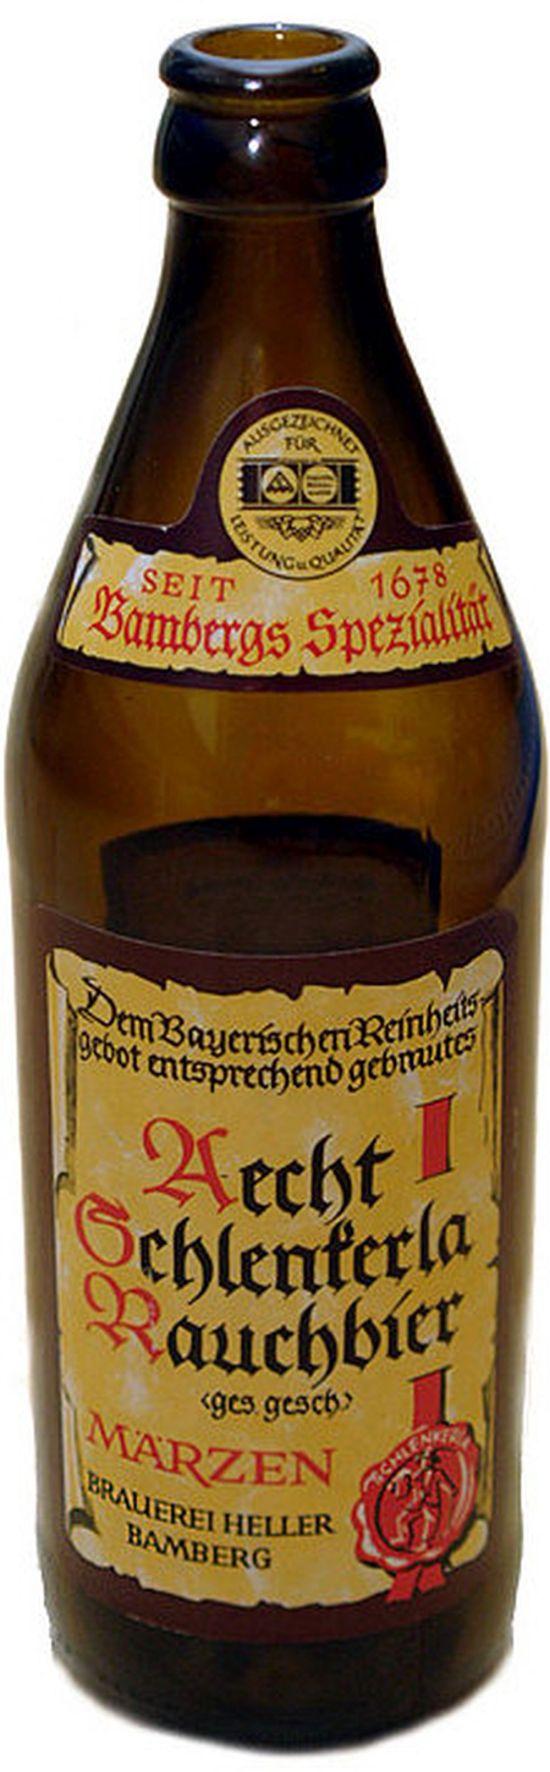 """""""Aecht schlenkerla rauchbier"""" von Ras - Eigenes Werk. Lizenziert unter CC BY-SA 3.0 über Wikimedia Commons"""